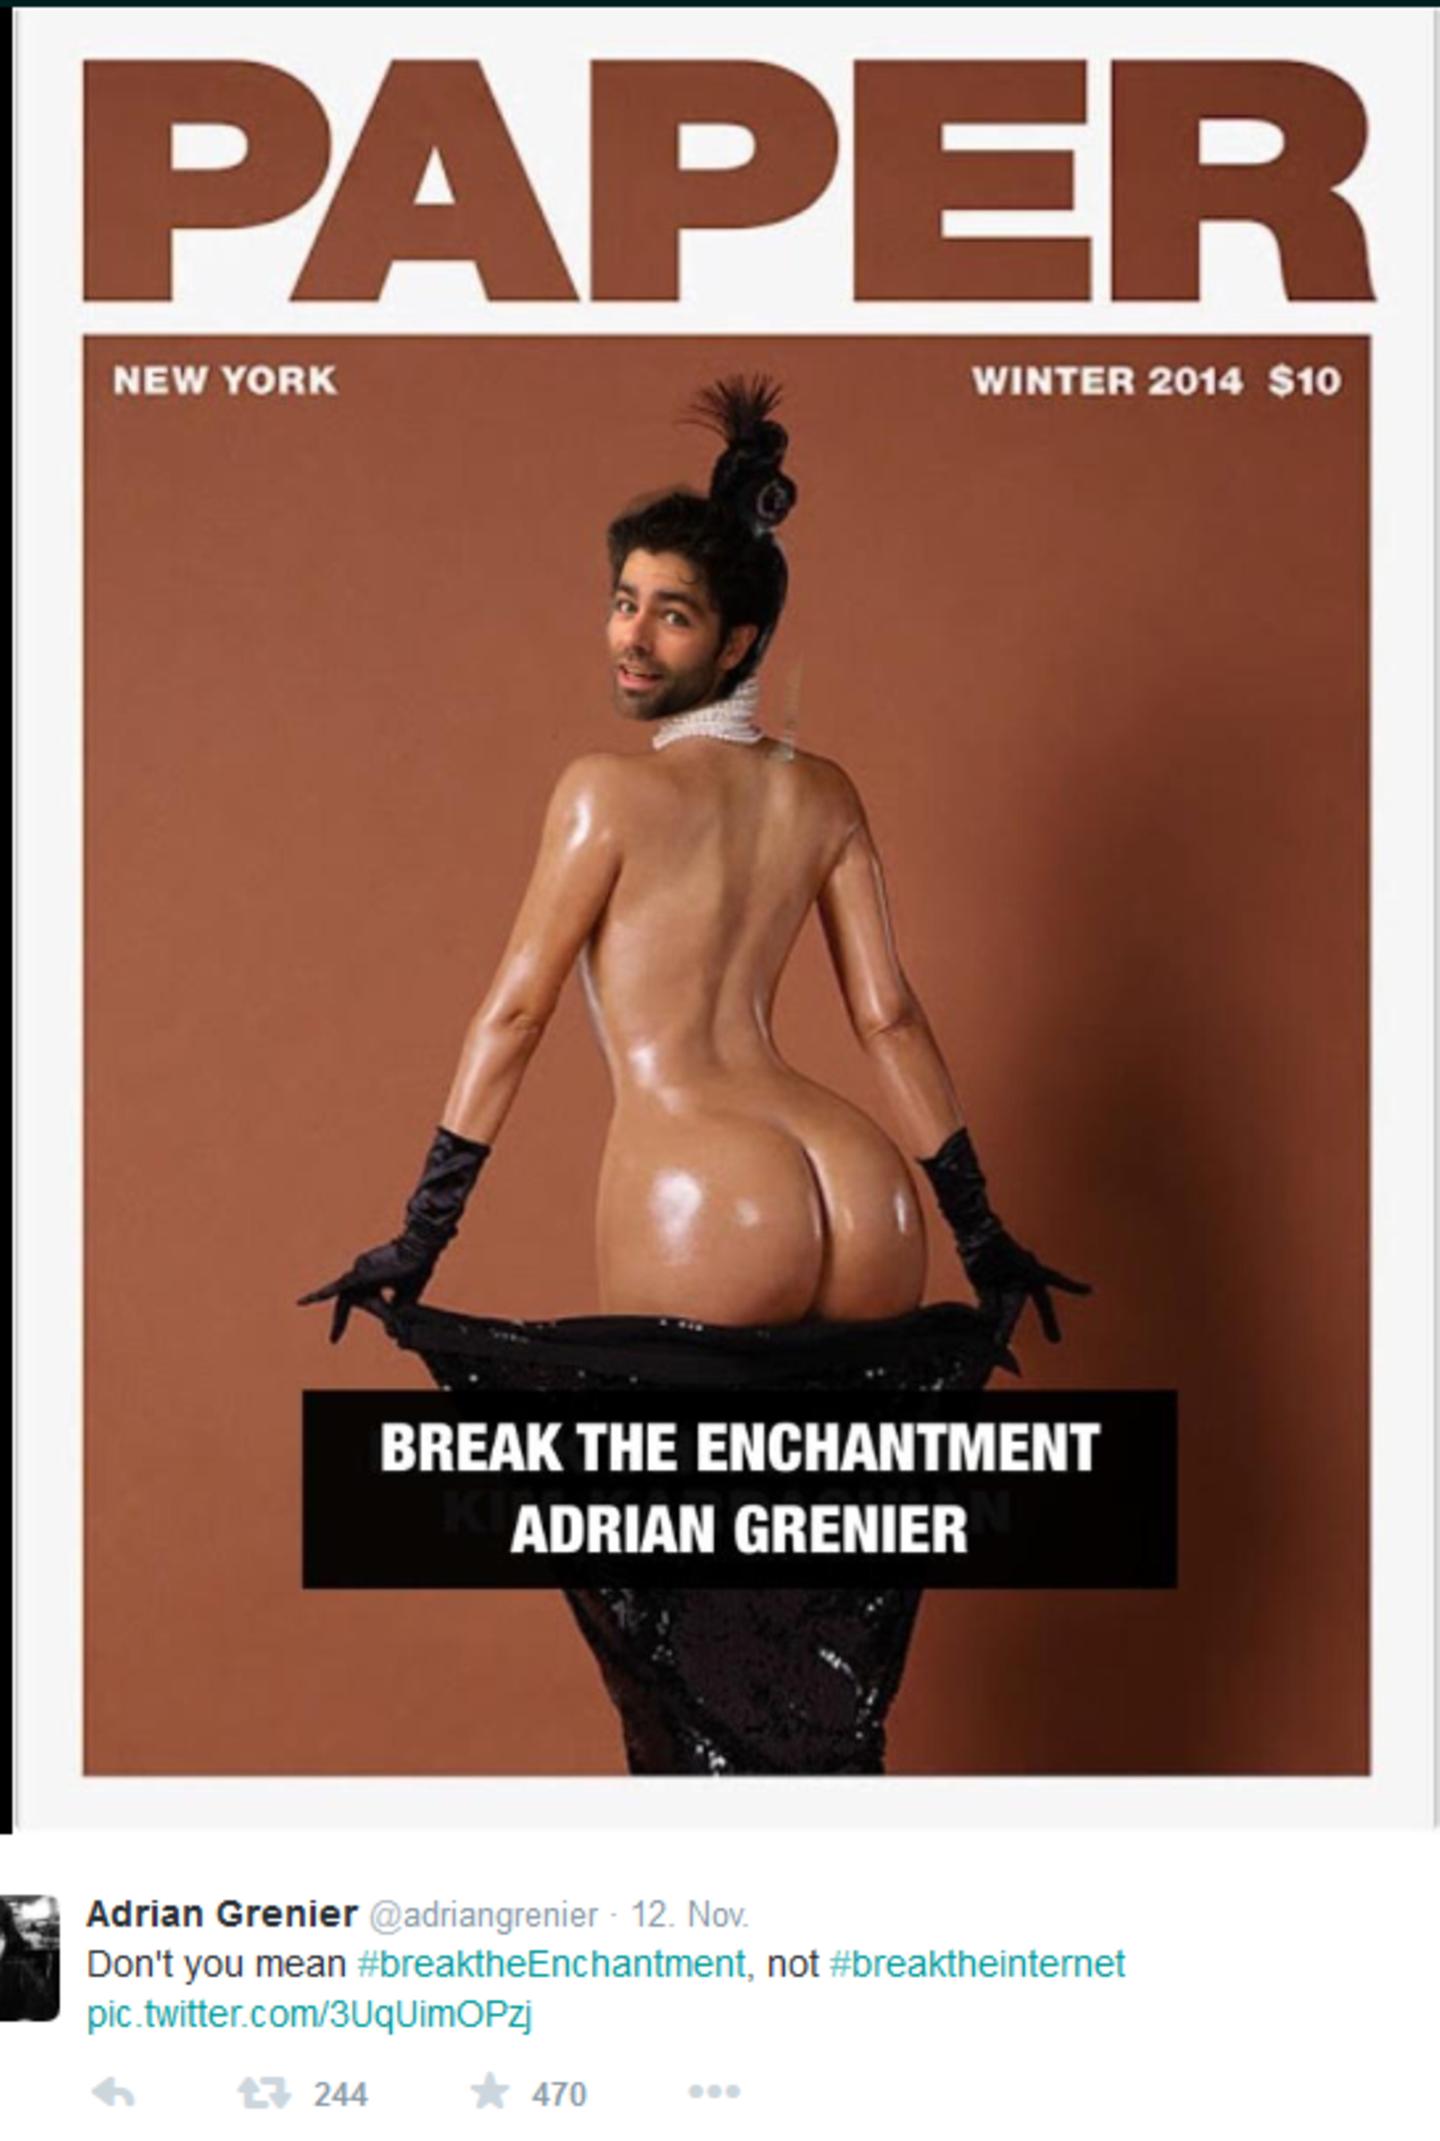 Adrian Grenier verulkt Kim Kardashian wegen ihres Versuchs, das Internet mit Ansichten ihres Hinterteils lahm zu legen.